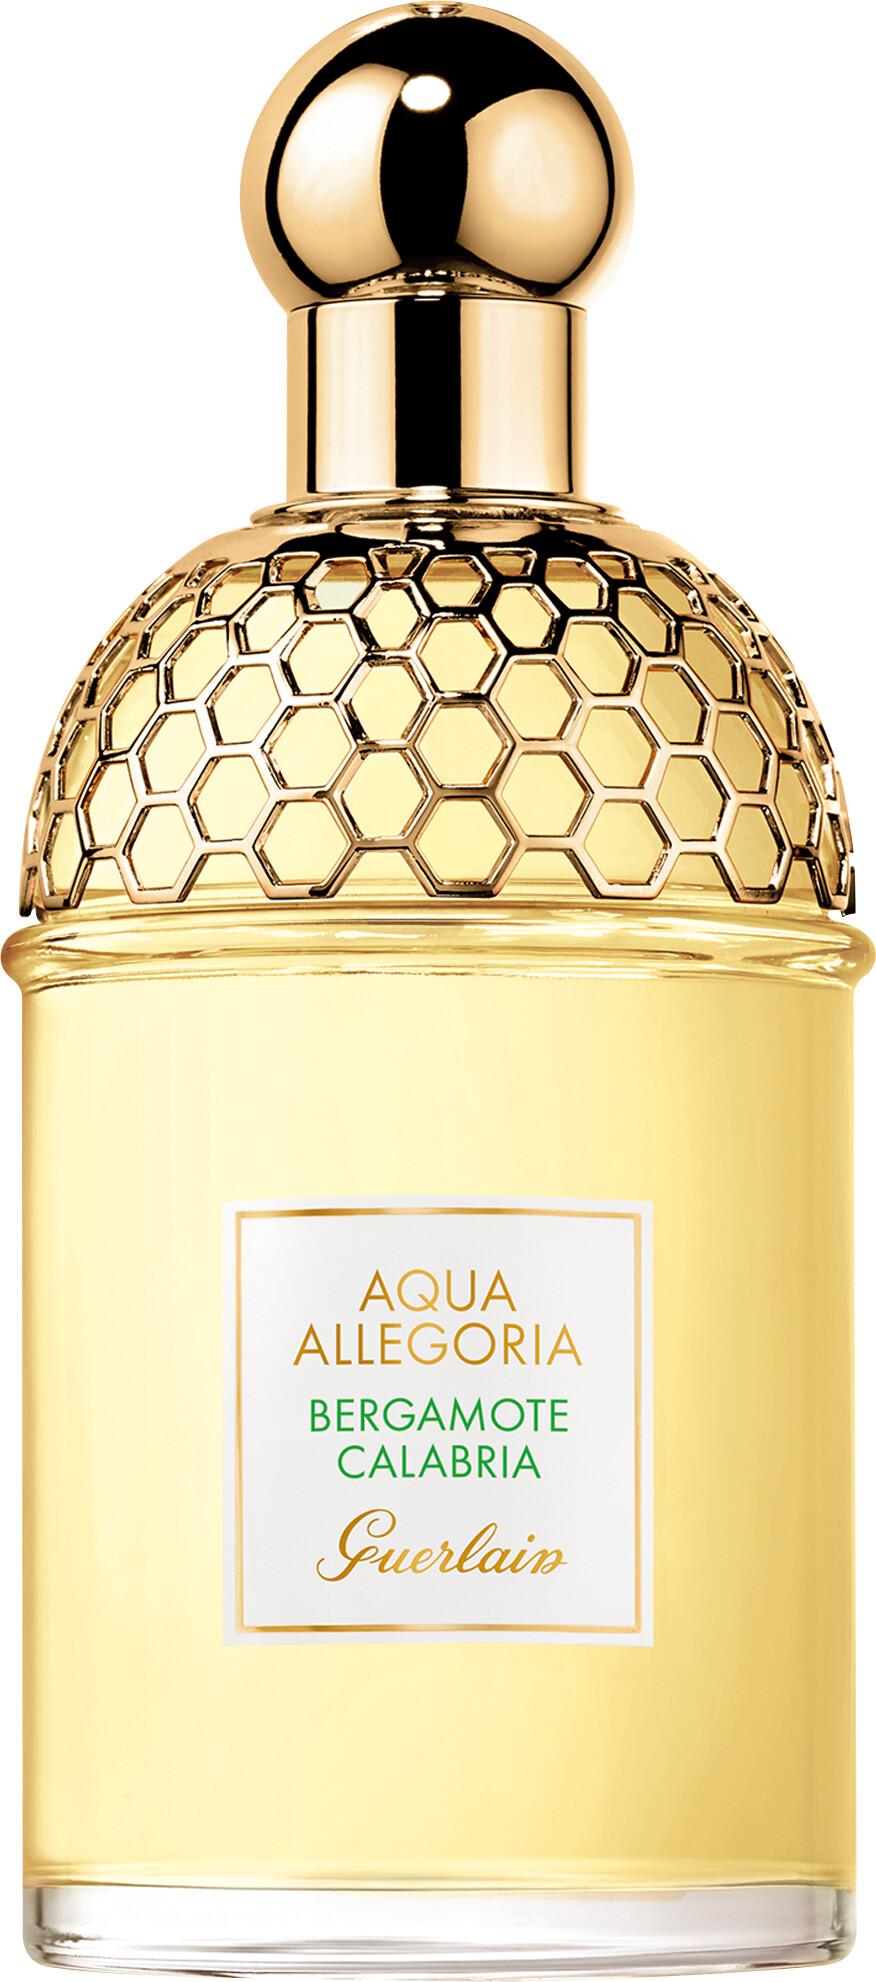 GUERLAIN Aqua Allegoria Bergamote Calabria Eau de Toilette ...